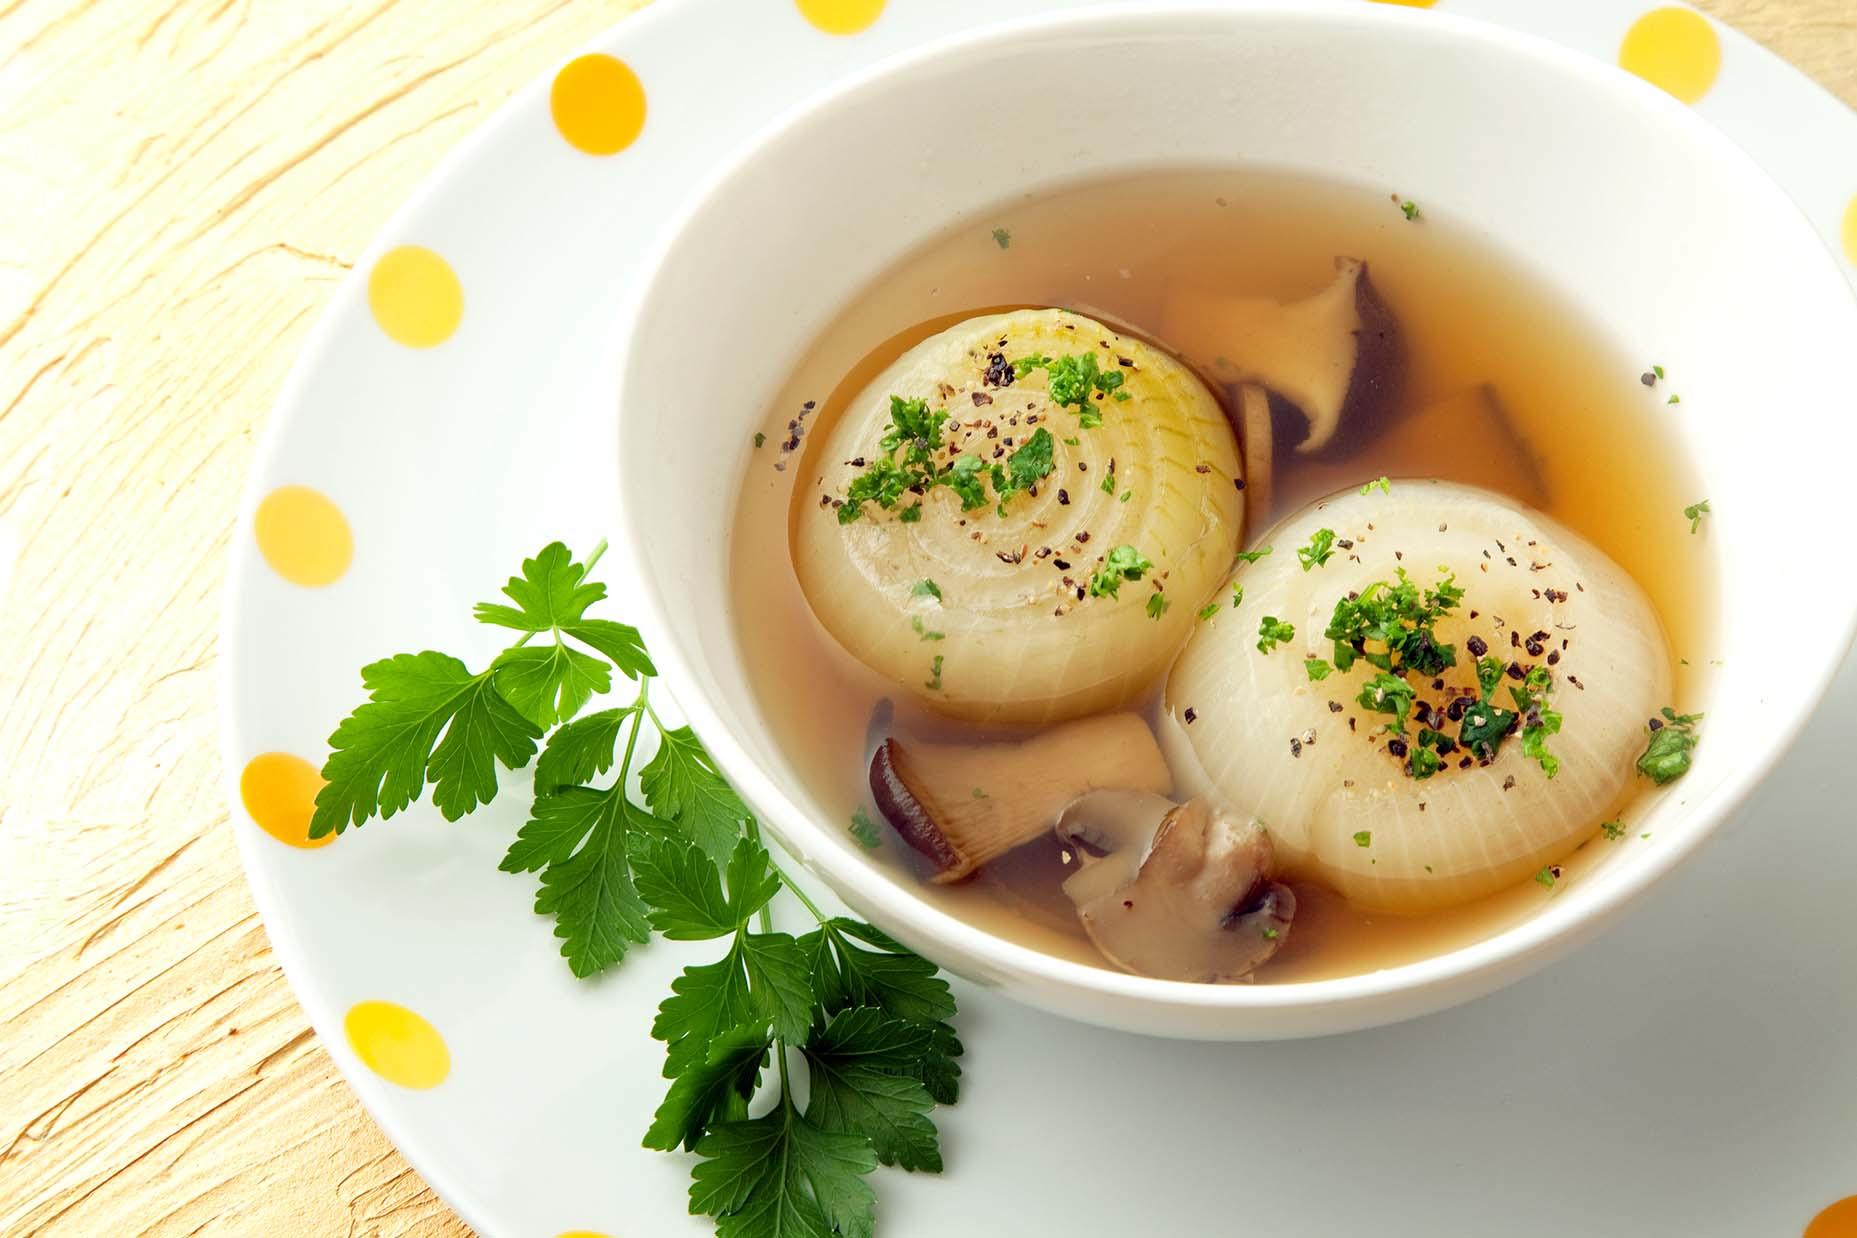 新玉ねぎの栄養をギュッと。管理栄養士のお気に入り旬レシピ